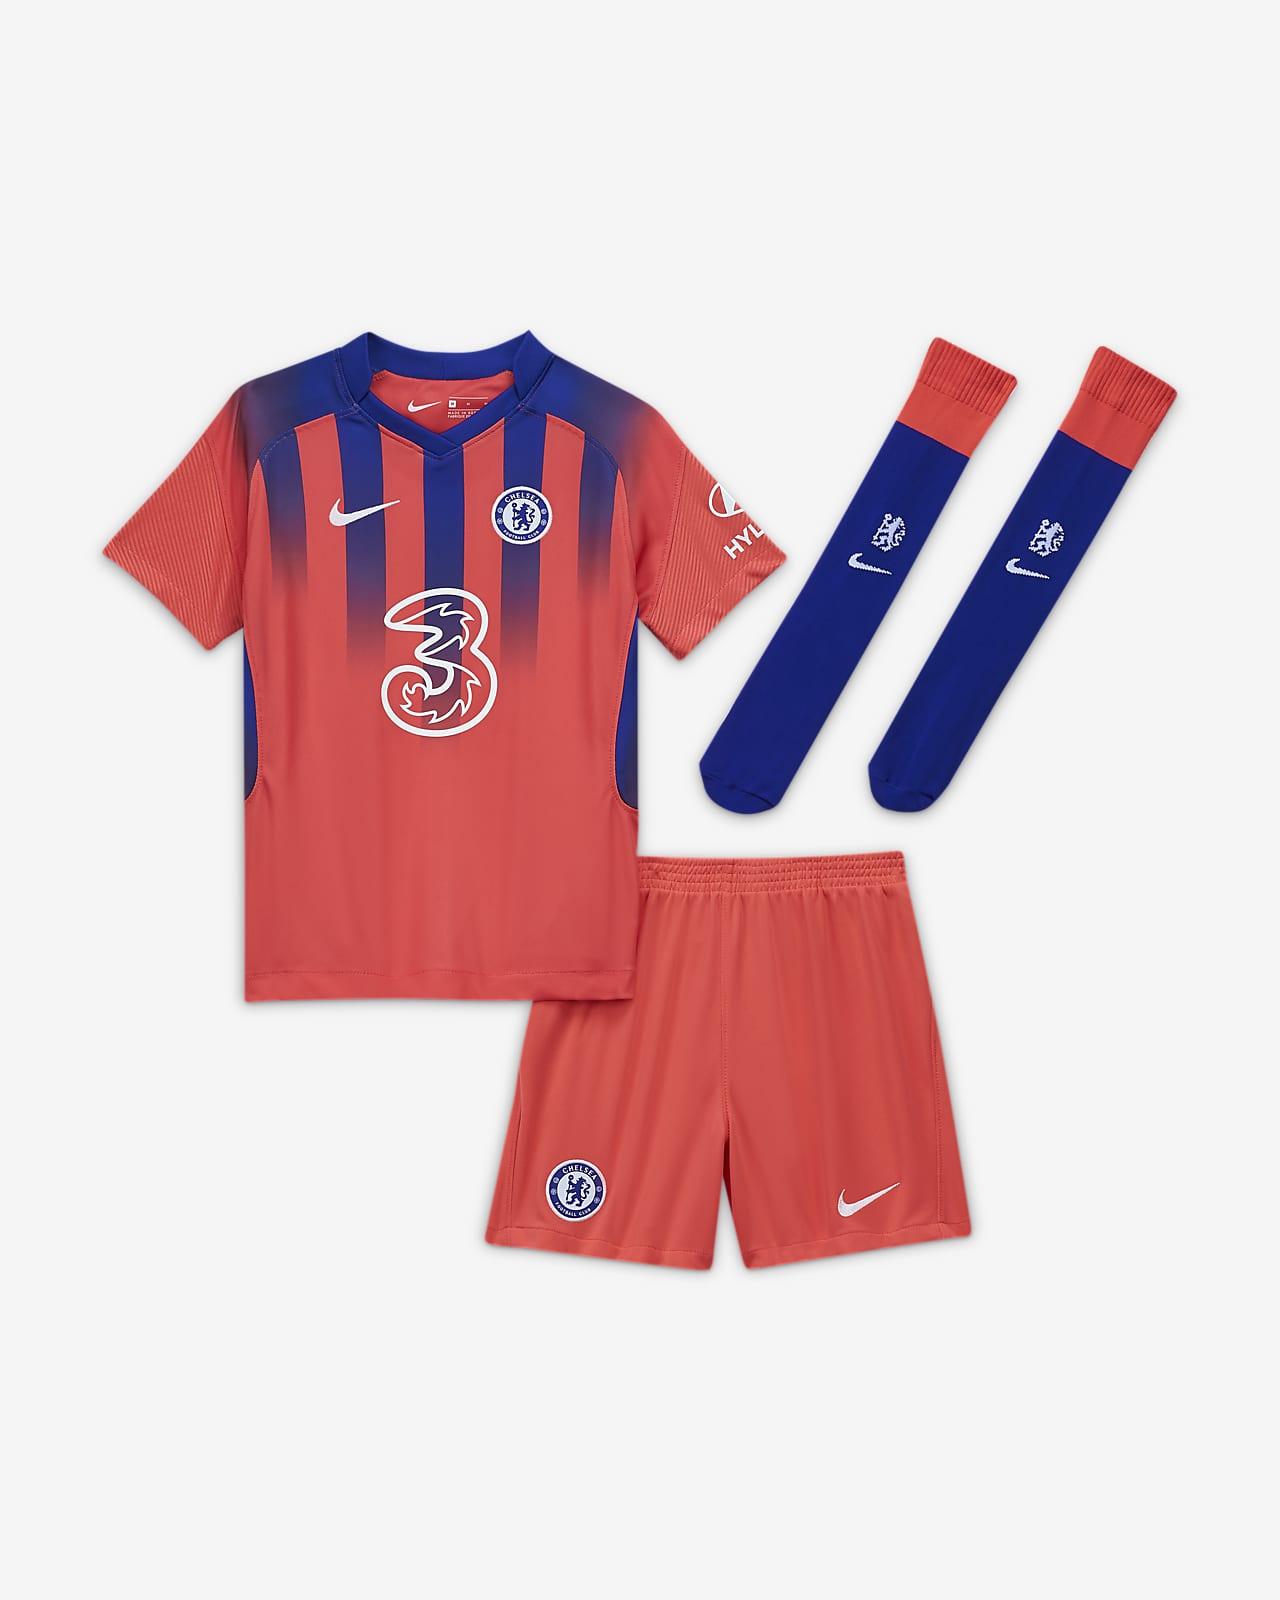 Kit de fútbol alternativo para niños talla pequeña del Chelsea FC 2020/21